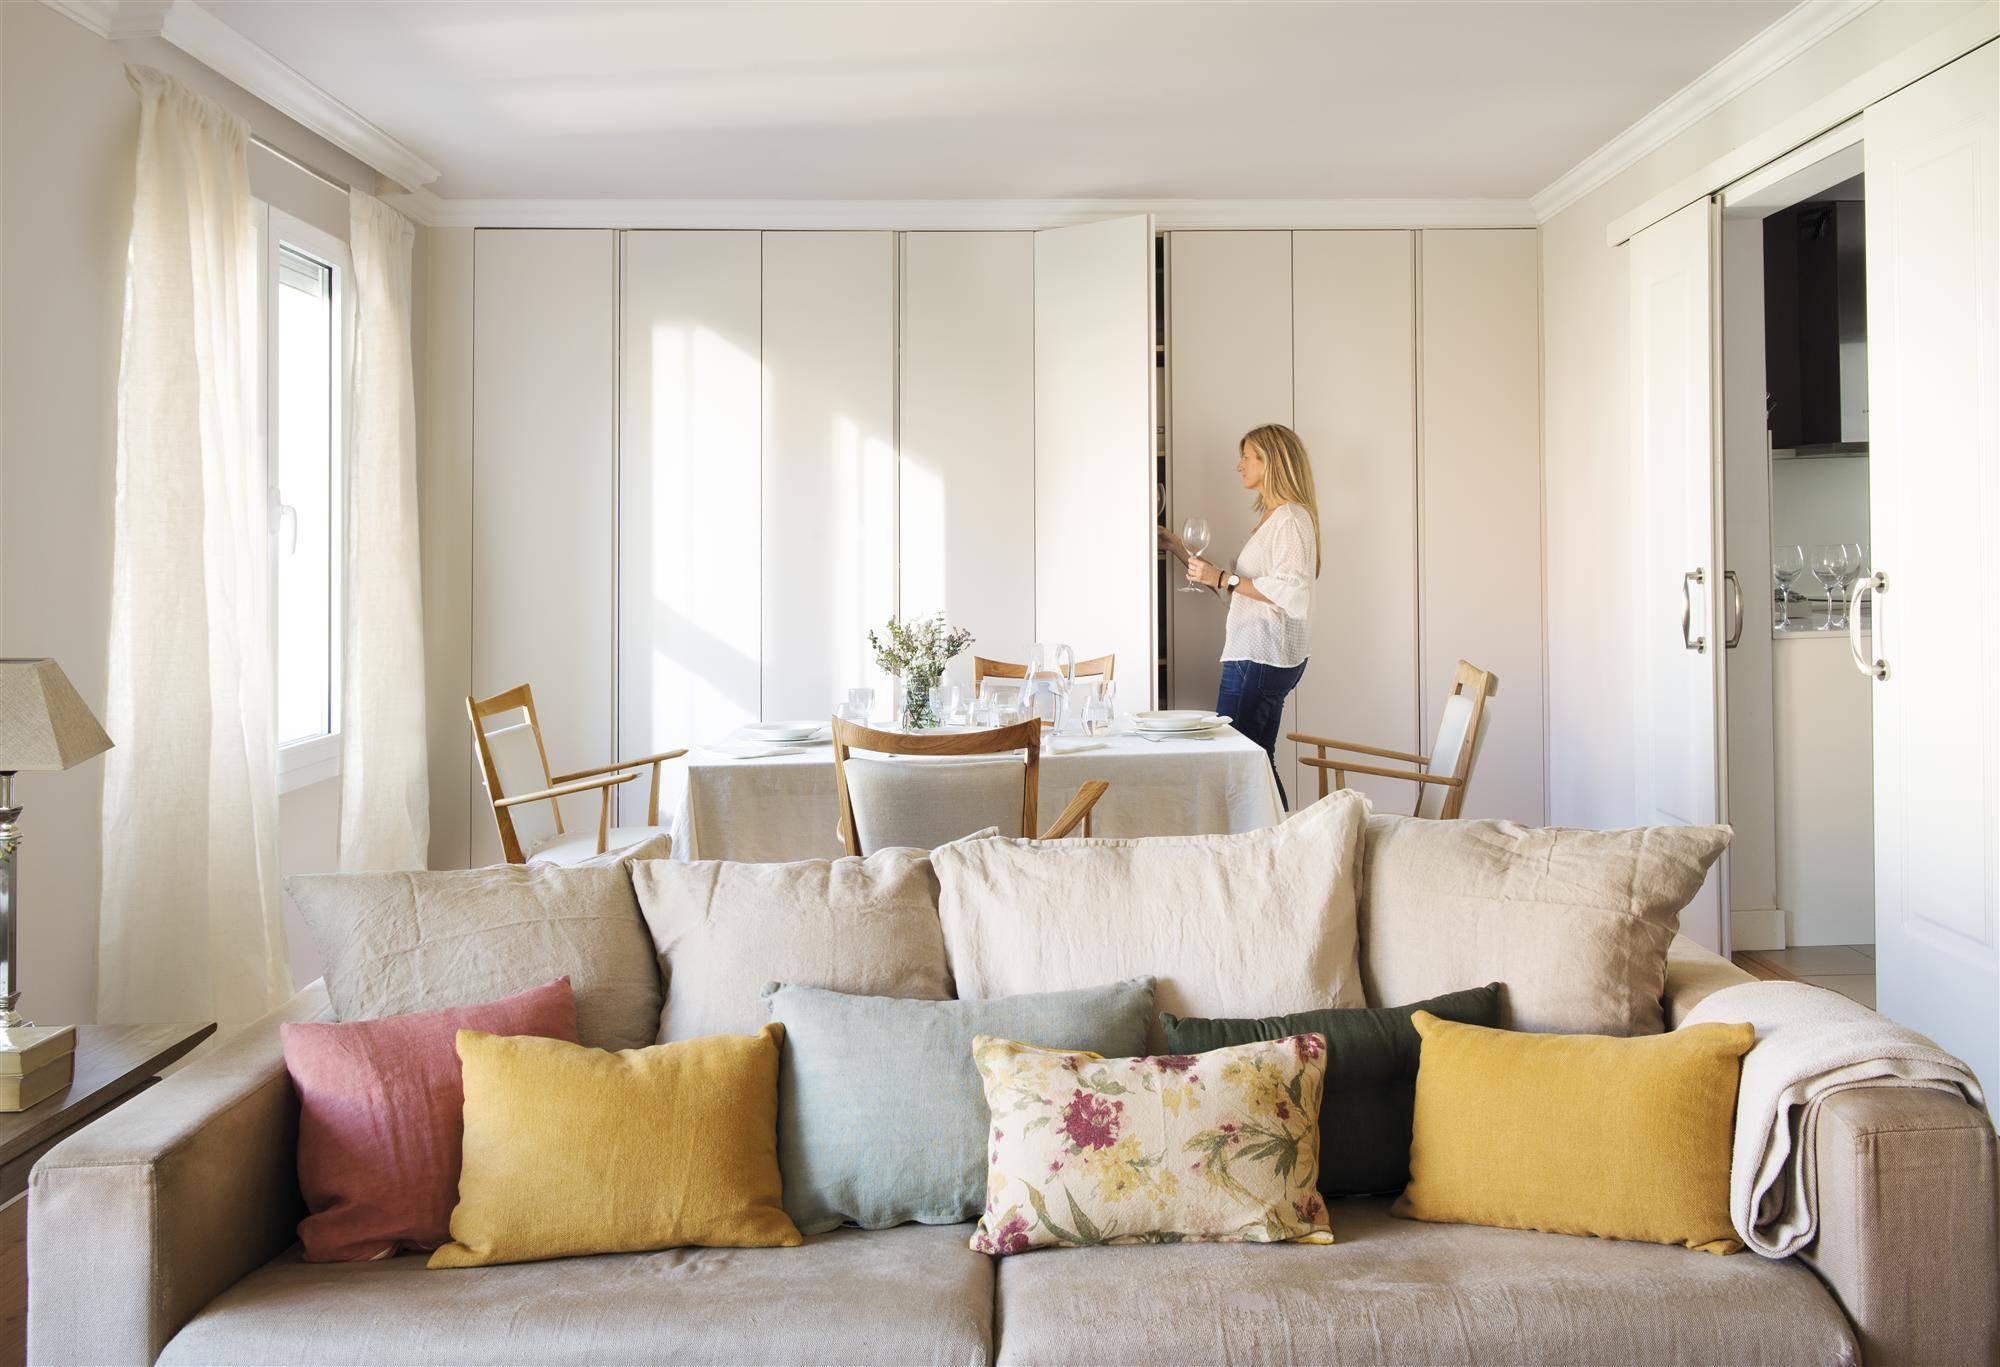 50 espacios bien aprovechados: soluciones para casas pequeñas